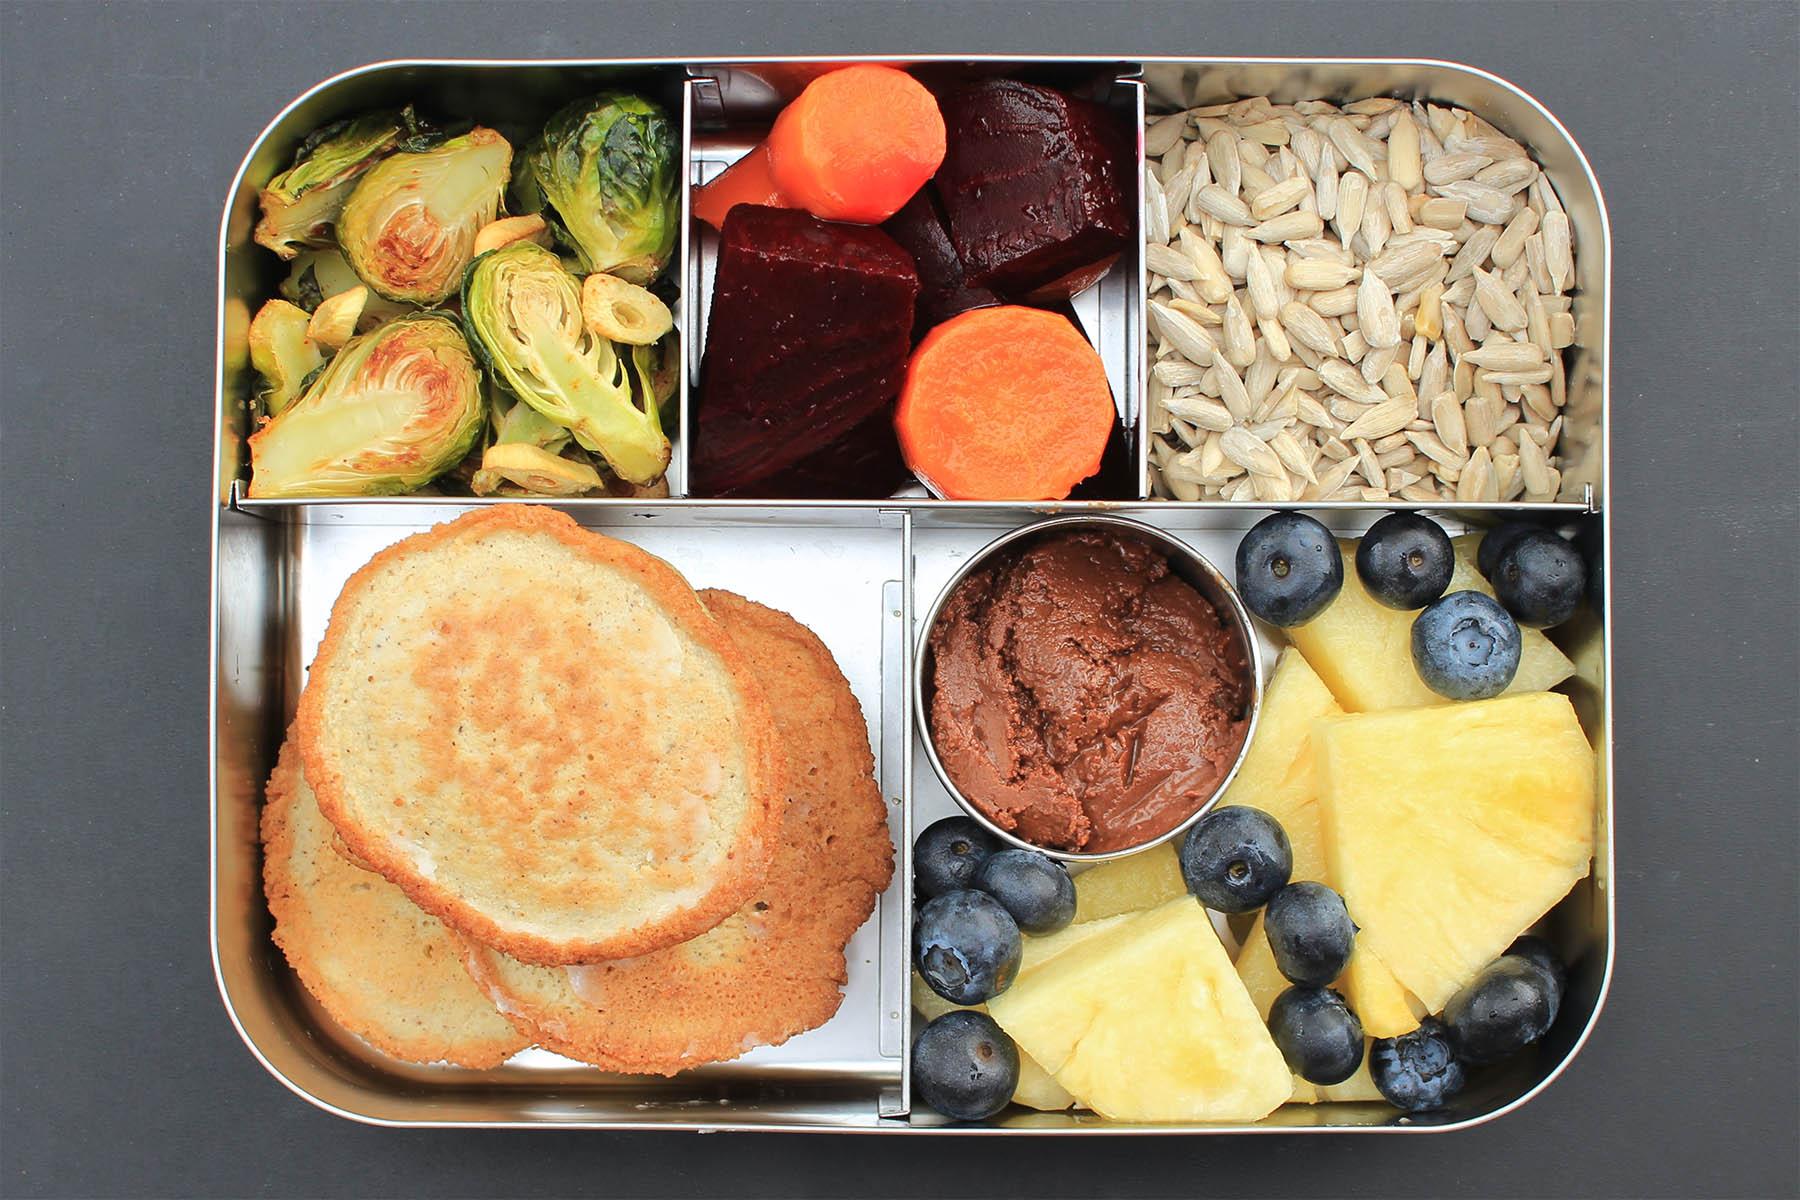 Pancake Lunch Bento Box